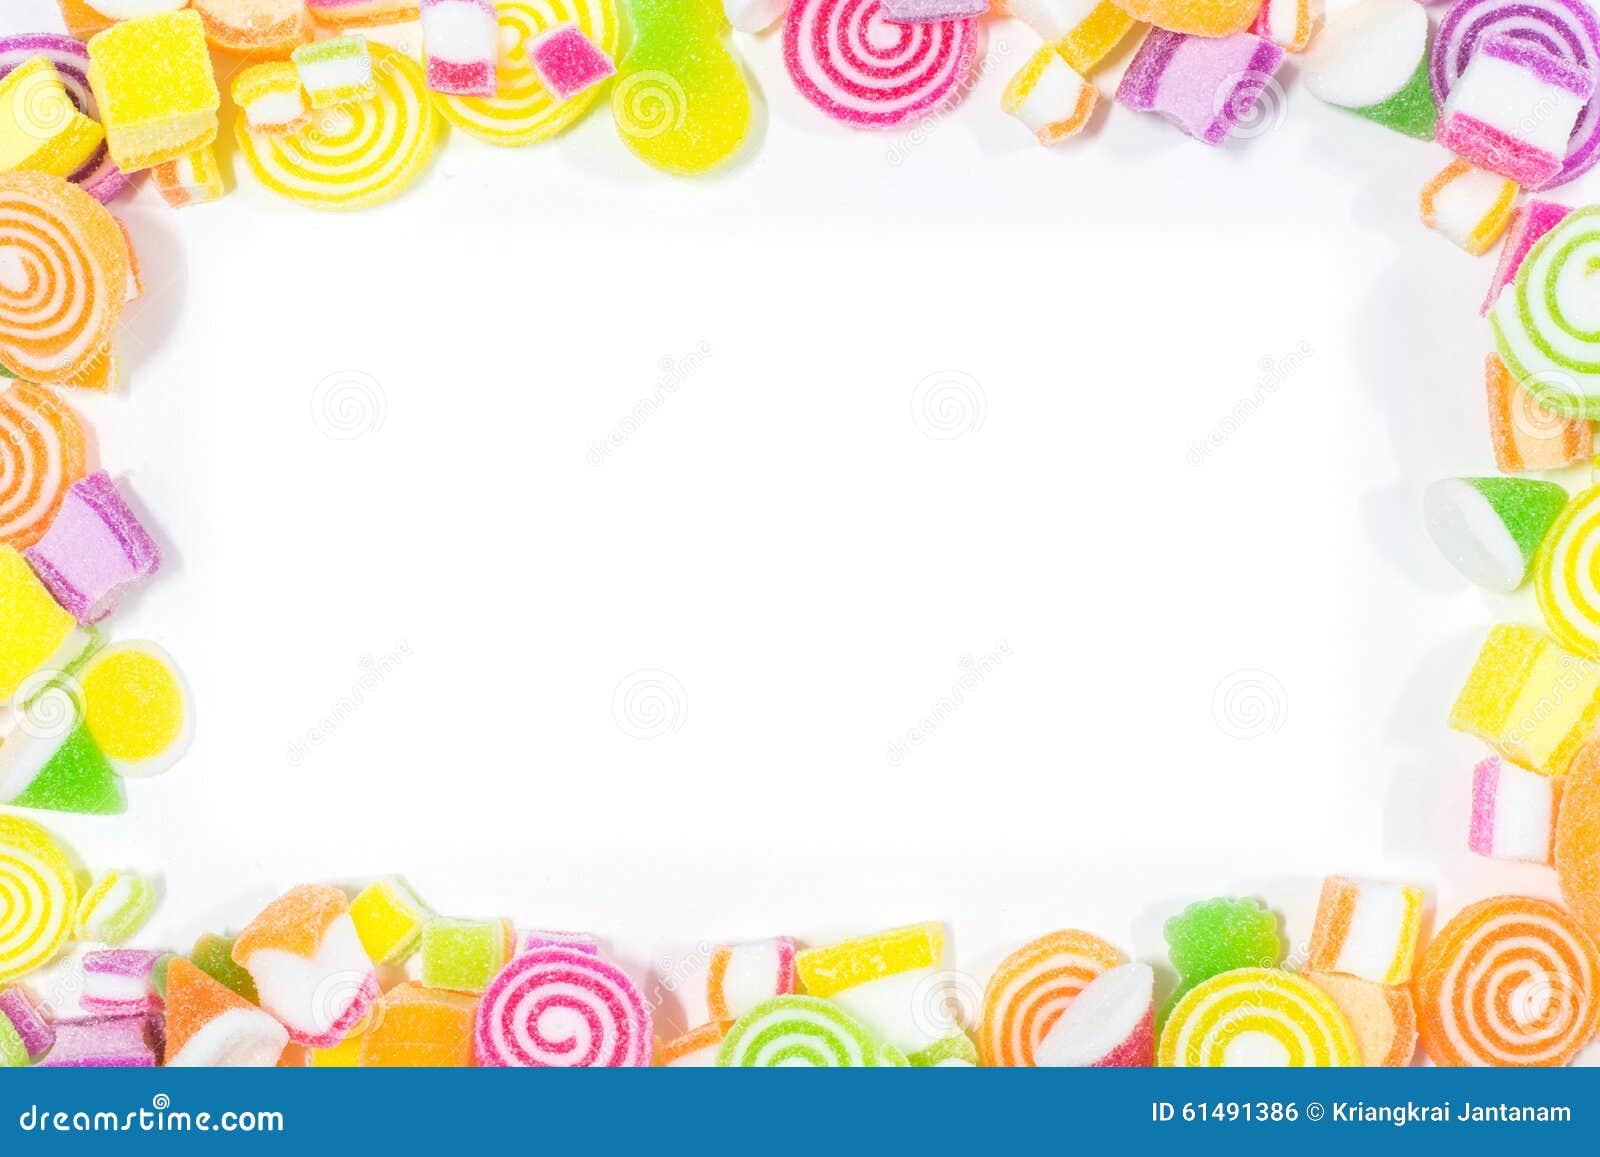 Marsmellow With Gelatin Dessert Background Stock Photo